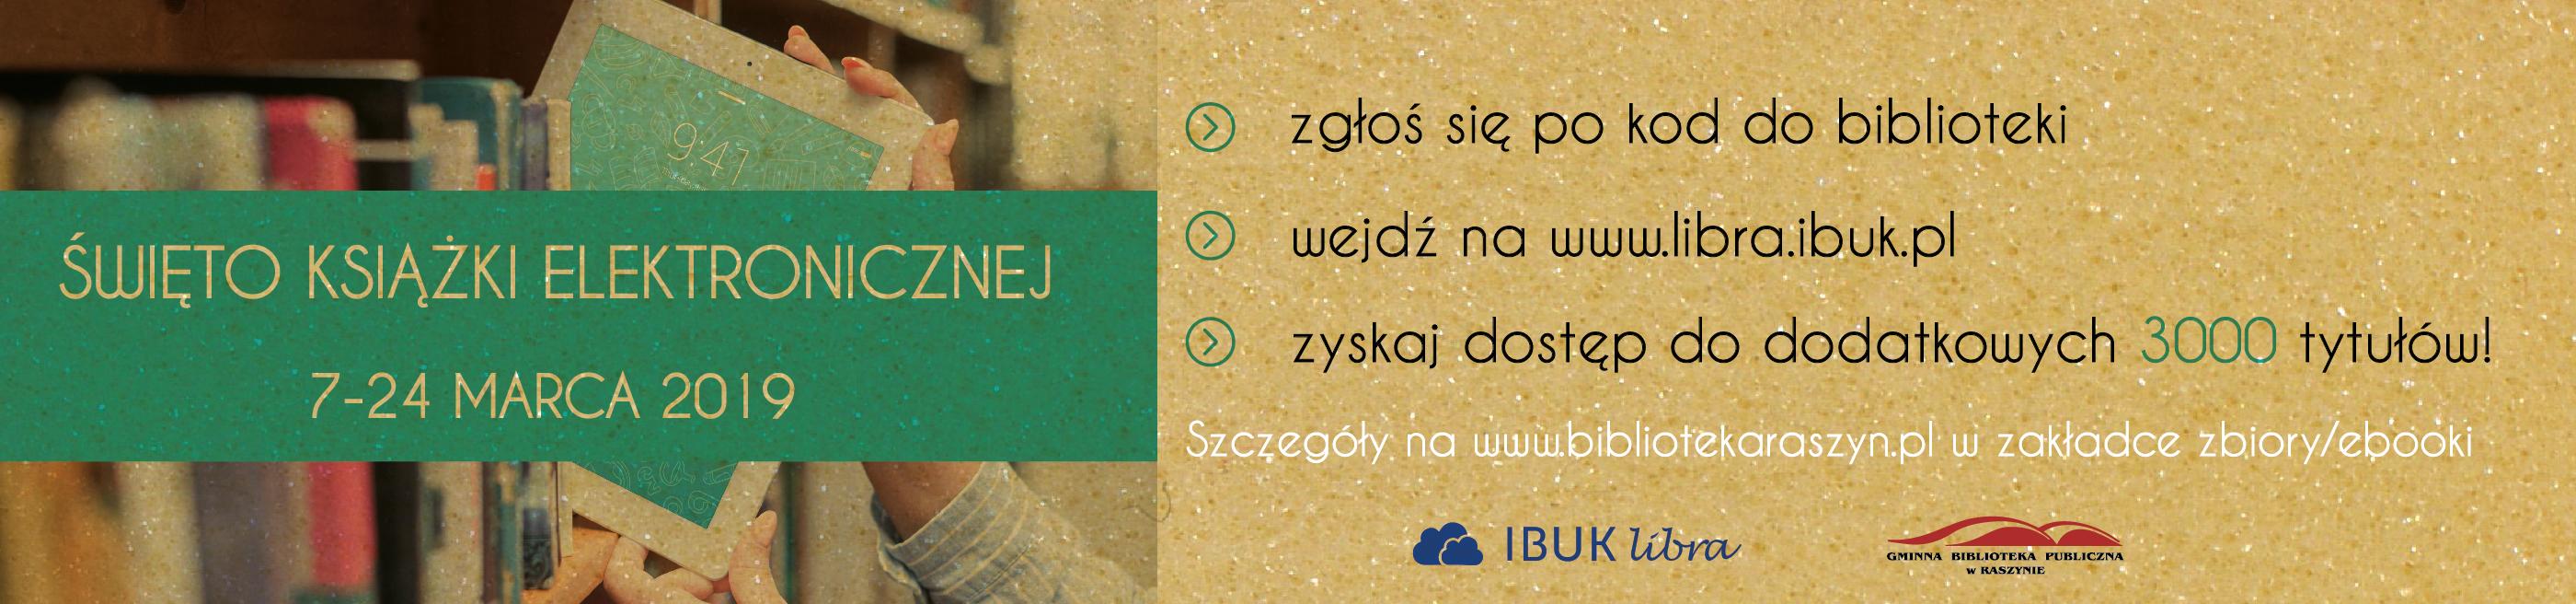 swieto-e-ksiazki-2019